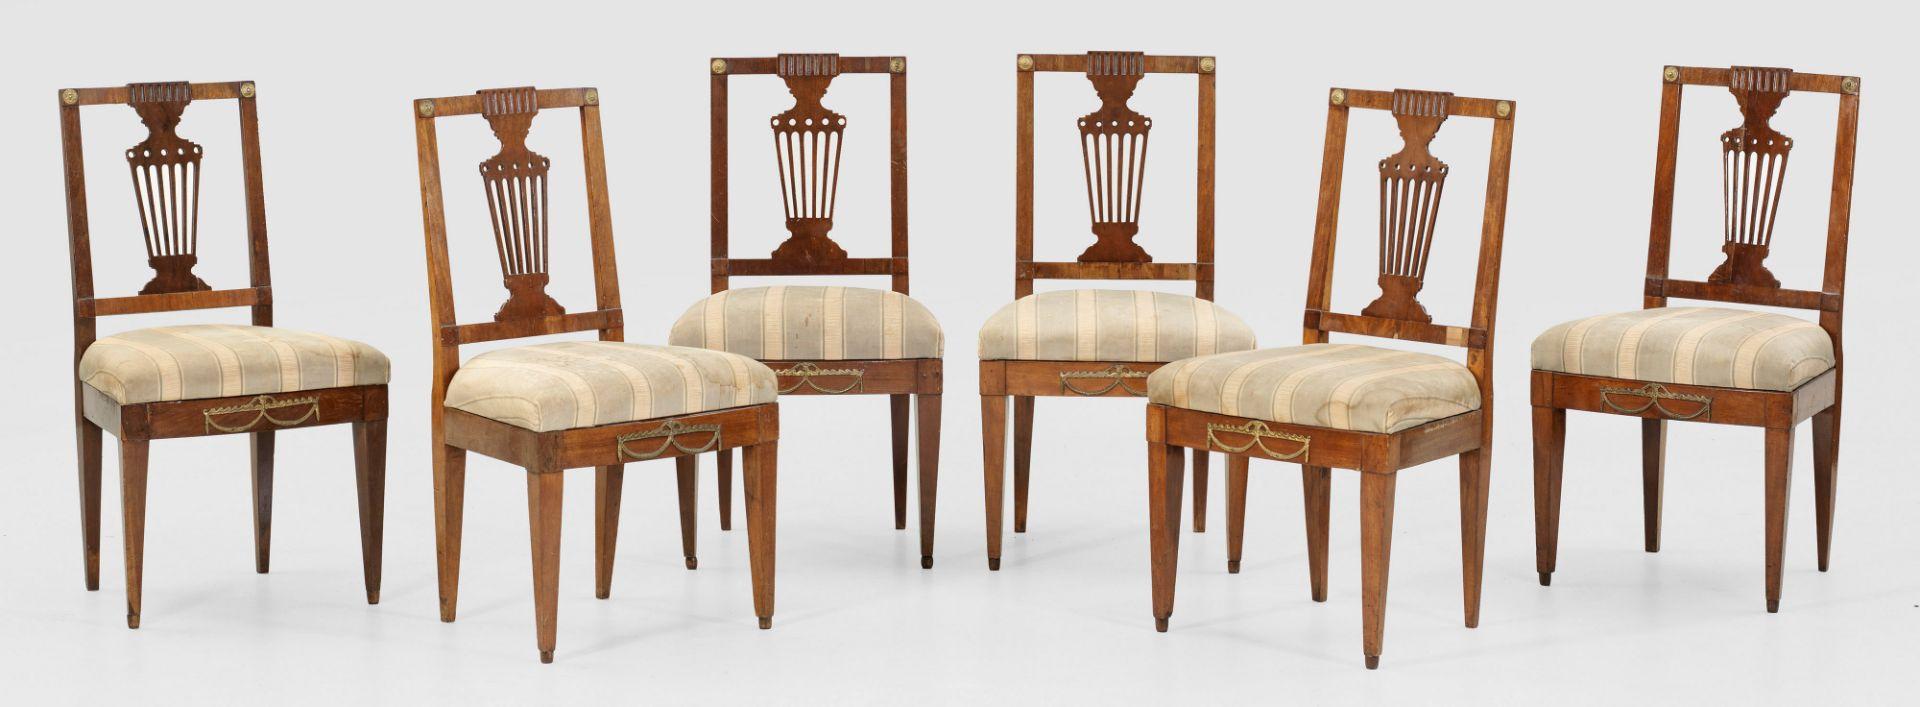 Satz von sechs klassizistischen Stühlen